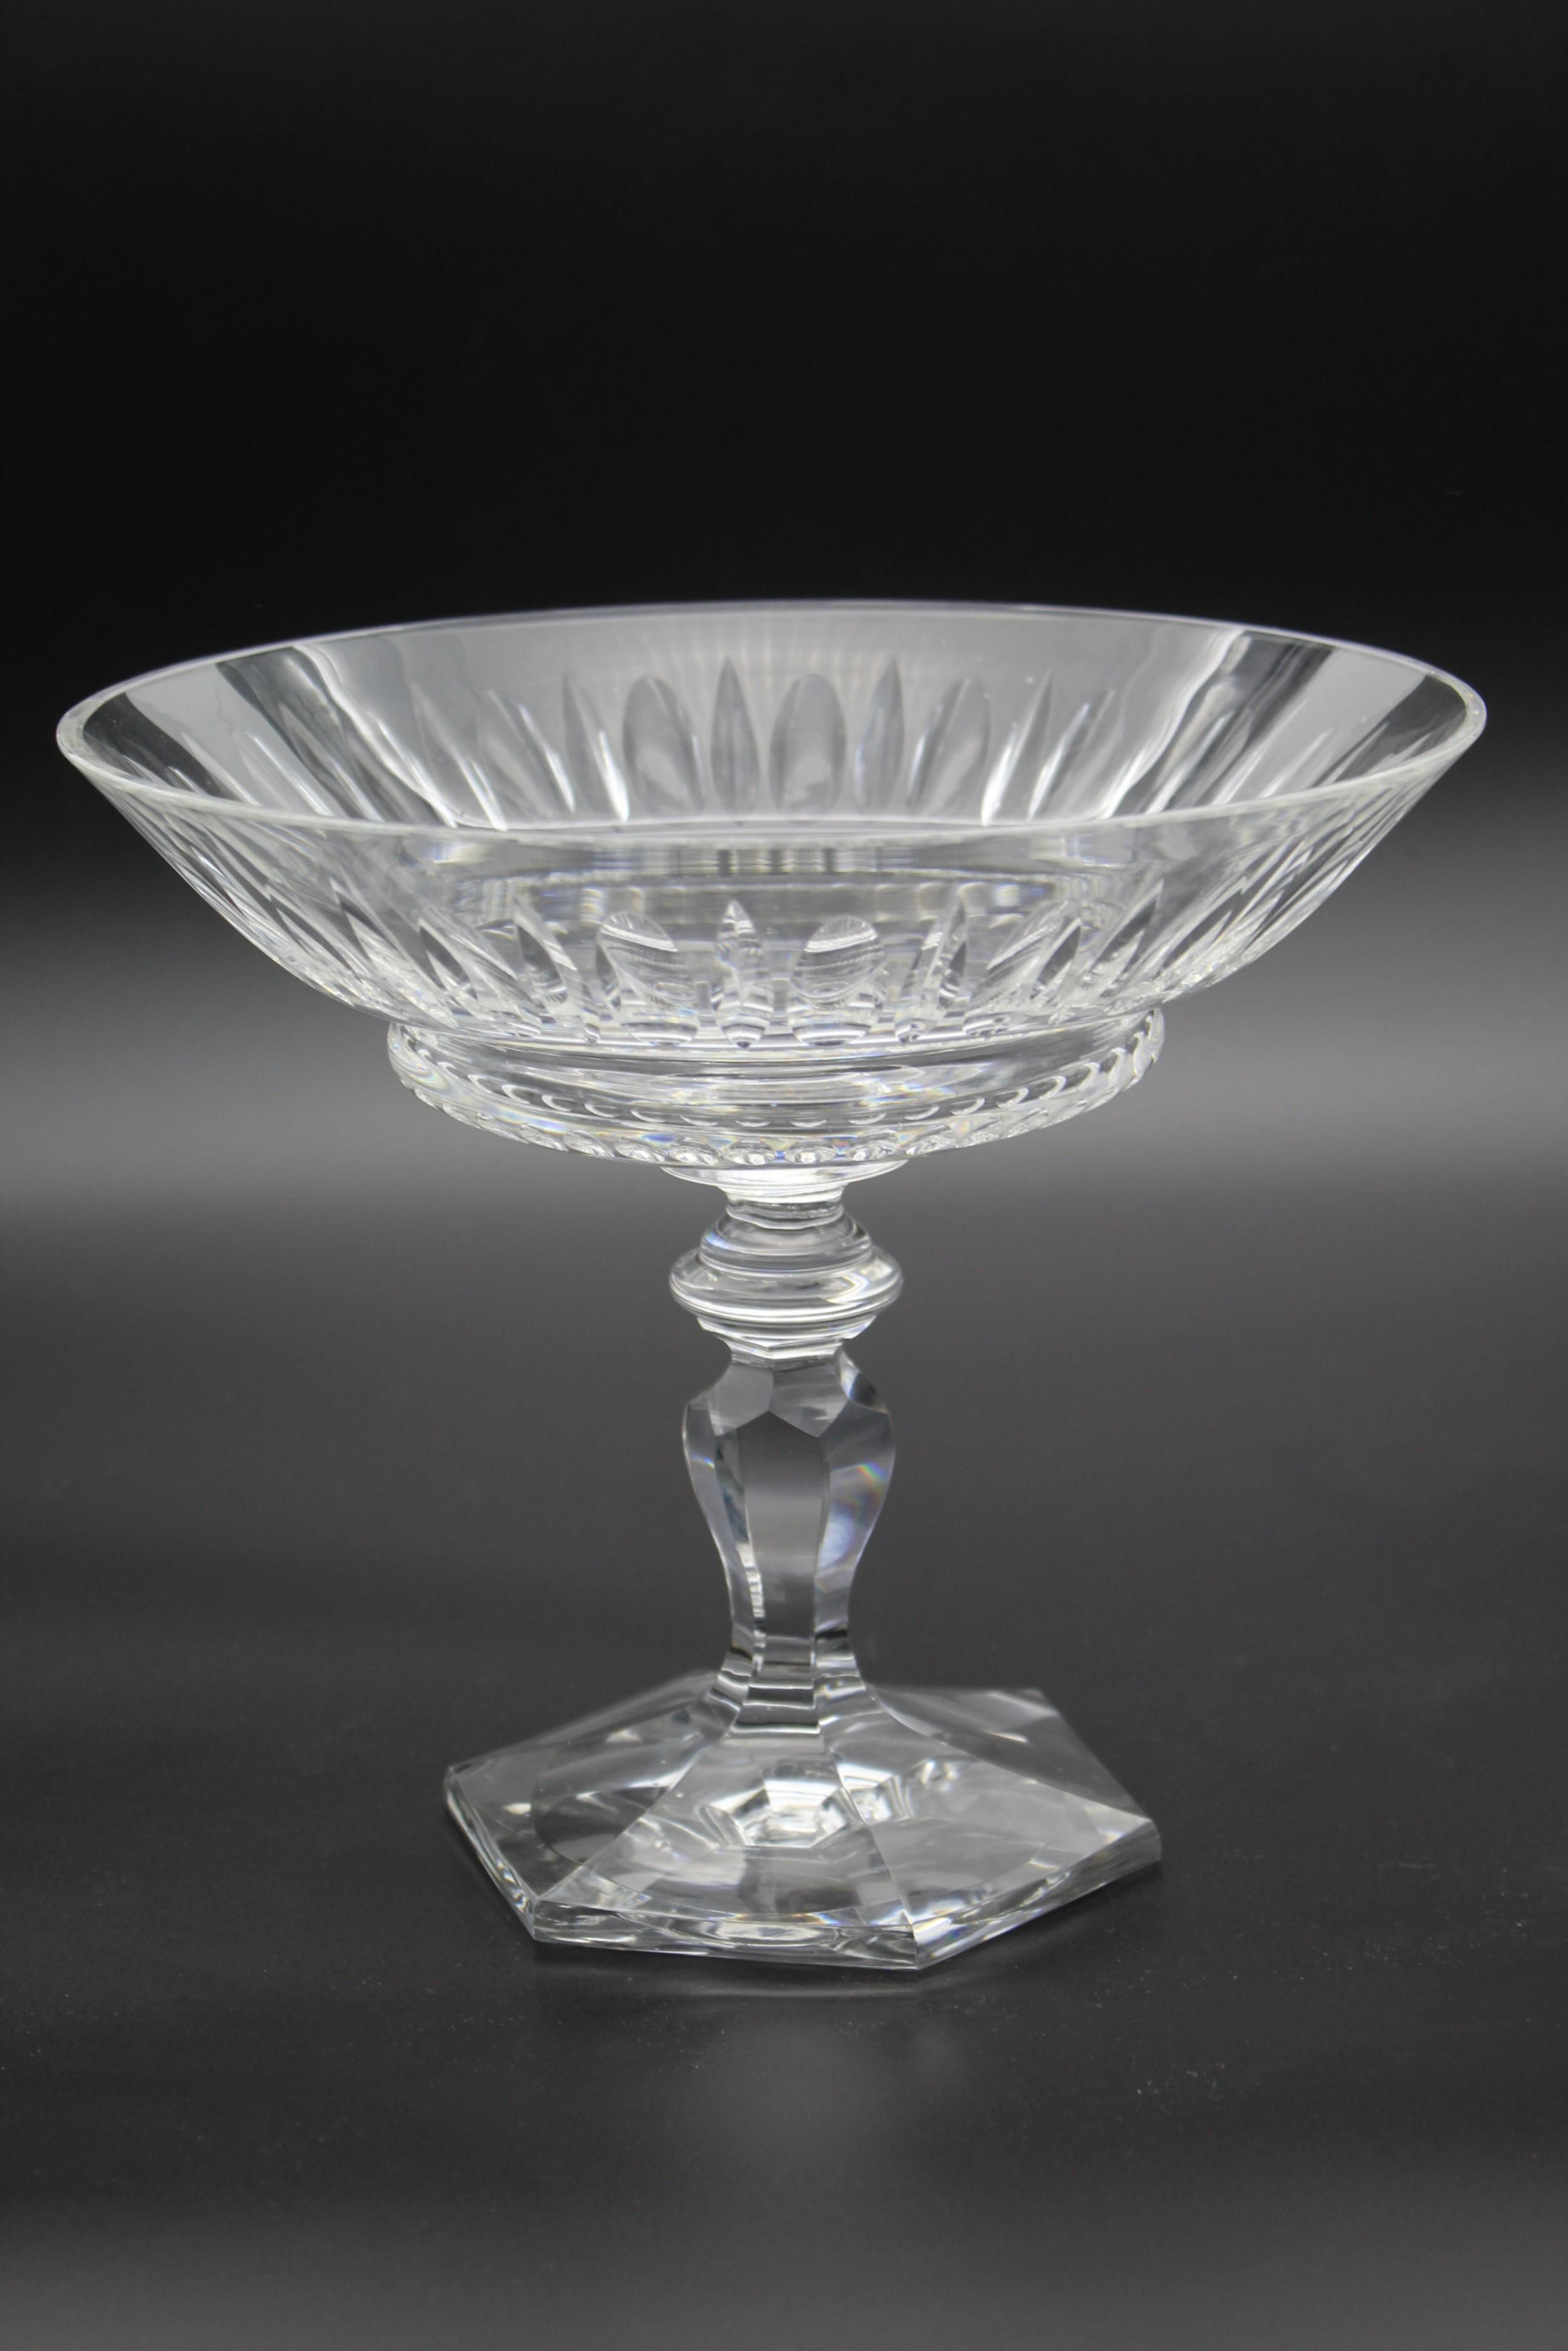 c1920s val st lambert glass tazza pedestal dish